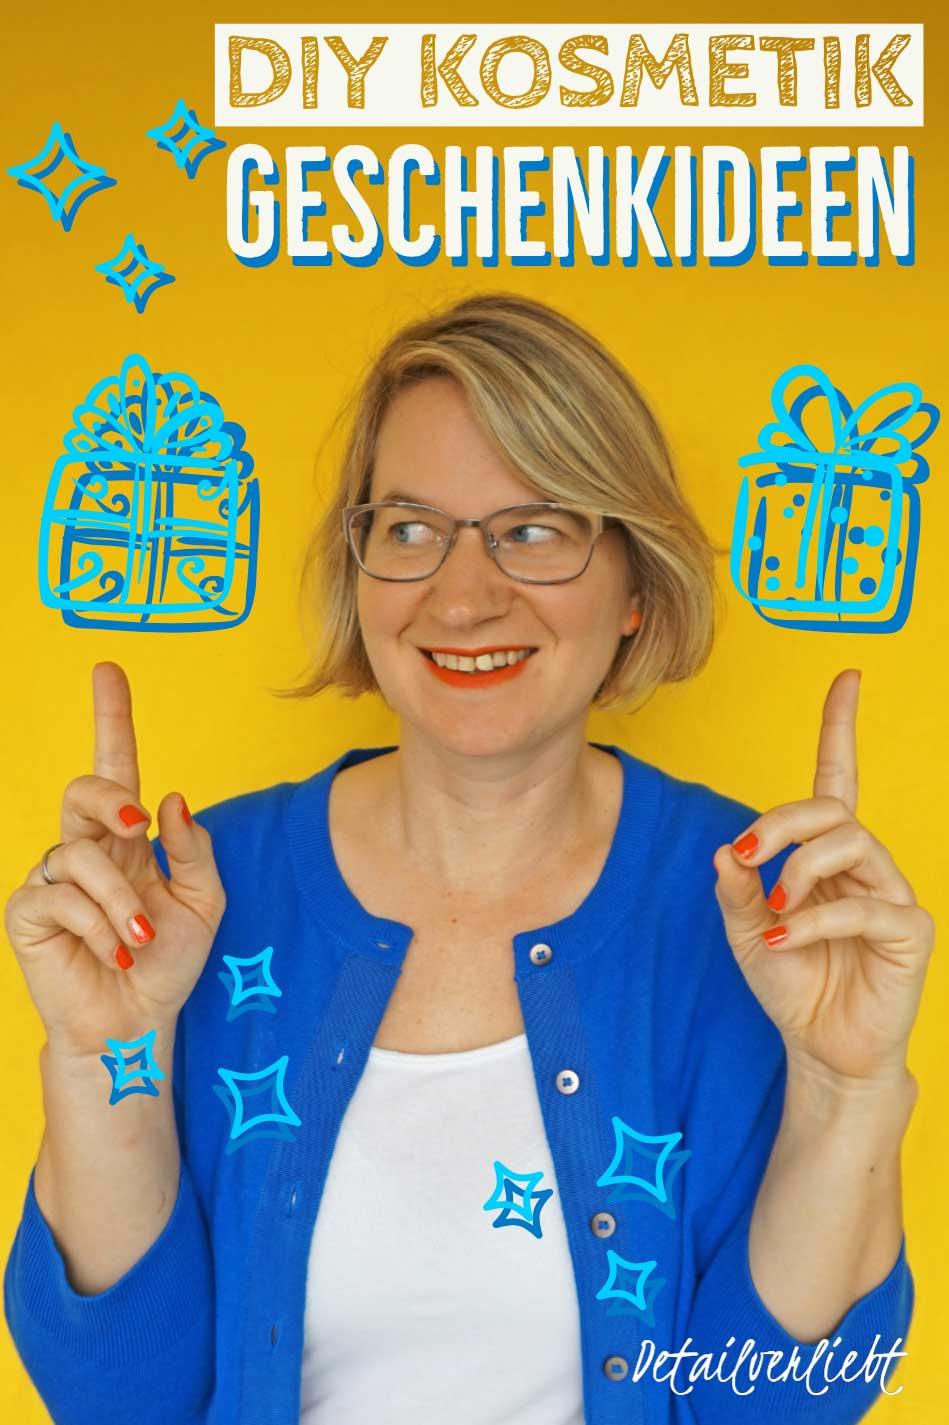 www.detail-verliebt.de: Kosmetikgeschenke selber machen: Sie sind ruckzuck nachgemacht, passen für jeden und sind dabei noch nachhaltig – zu Weihnachten, Nikolaus, JGA oder so. #geschenk #diygeschenk #diykosmetik #weihnachtsgeschenk #Geschenkfürdiefreundin #geschenkfürmama